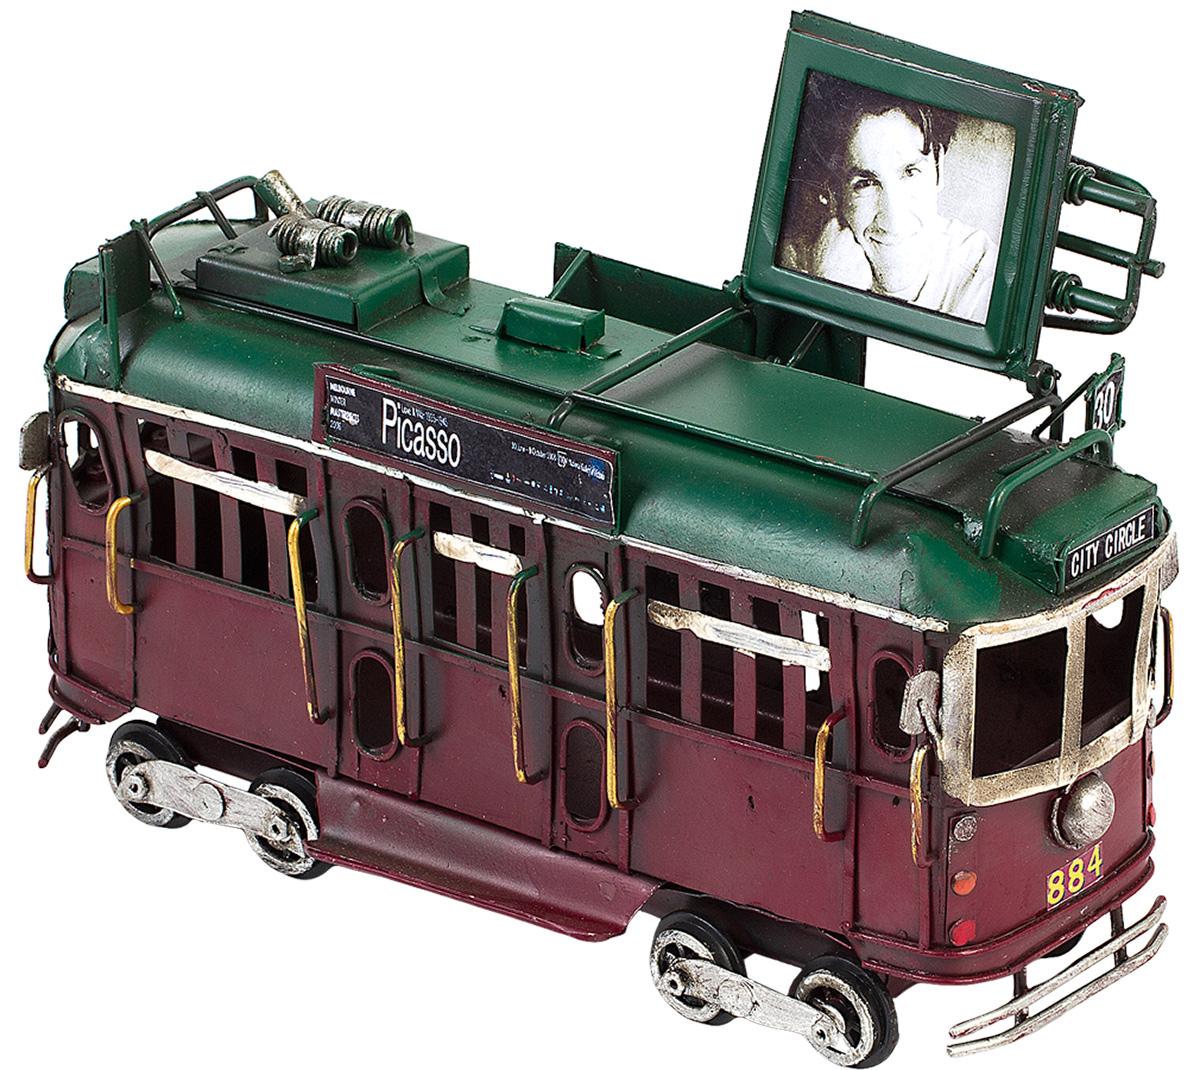 Модель Platinum Трамвай, с фоторамкой. 1404E-4362JP-764/17Модель Platinum Трамвай, выполненная из металла, станет оригинальным украшением интерьера. Вы можете поставить ретро-модель в любом месте, где она будет удачно смотреться.Изделие дополнено фоторамкой, куда вы можете вставить вашу любимую фотографию.Качество исполнения, точные детали и оригинальный дизайн выделяют эту модель среди ряда подобных. Модель займет достойное место в вашей коллекции, а также приятно удивит получателя в качестве стильного сувенира.